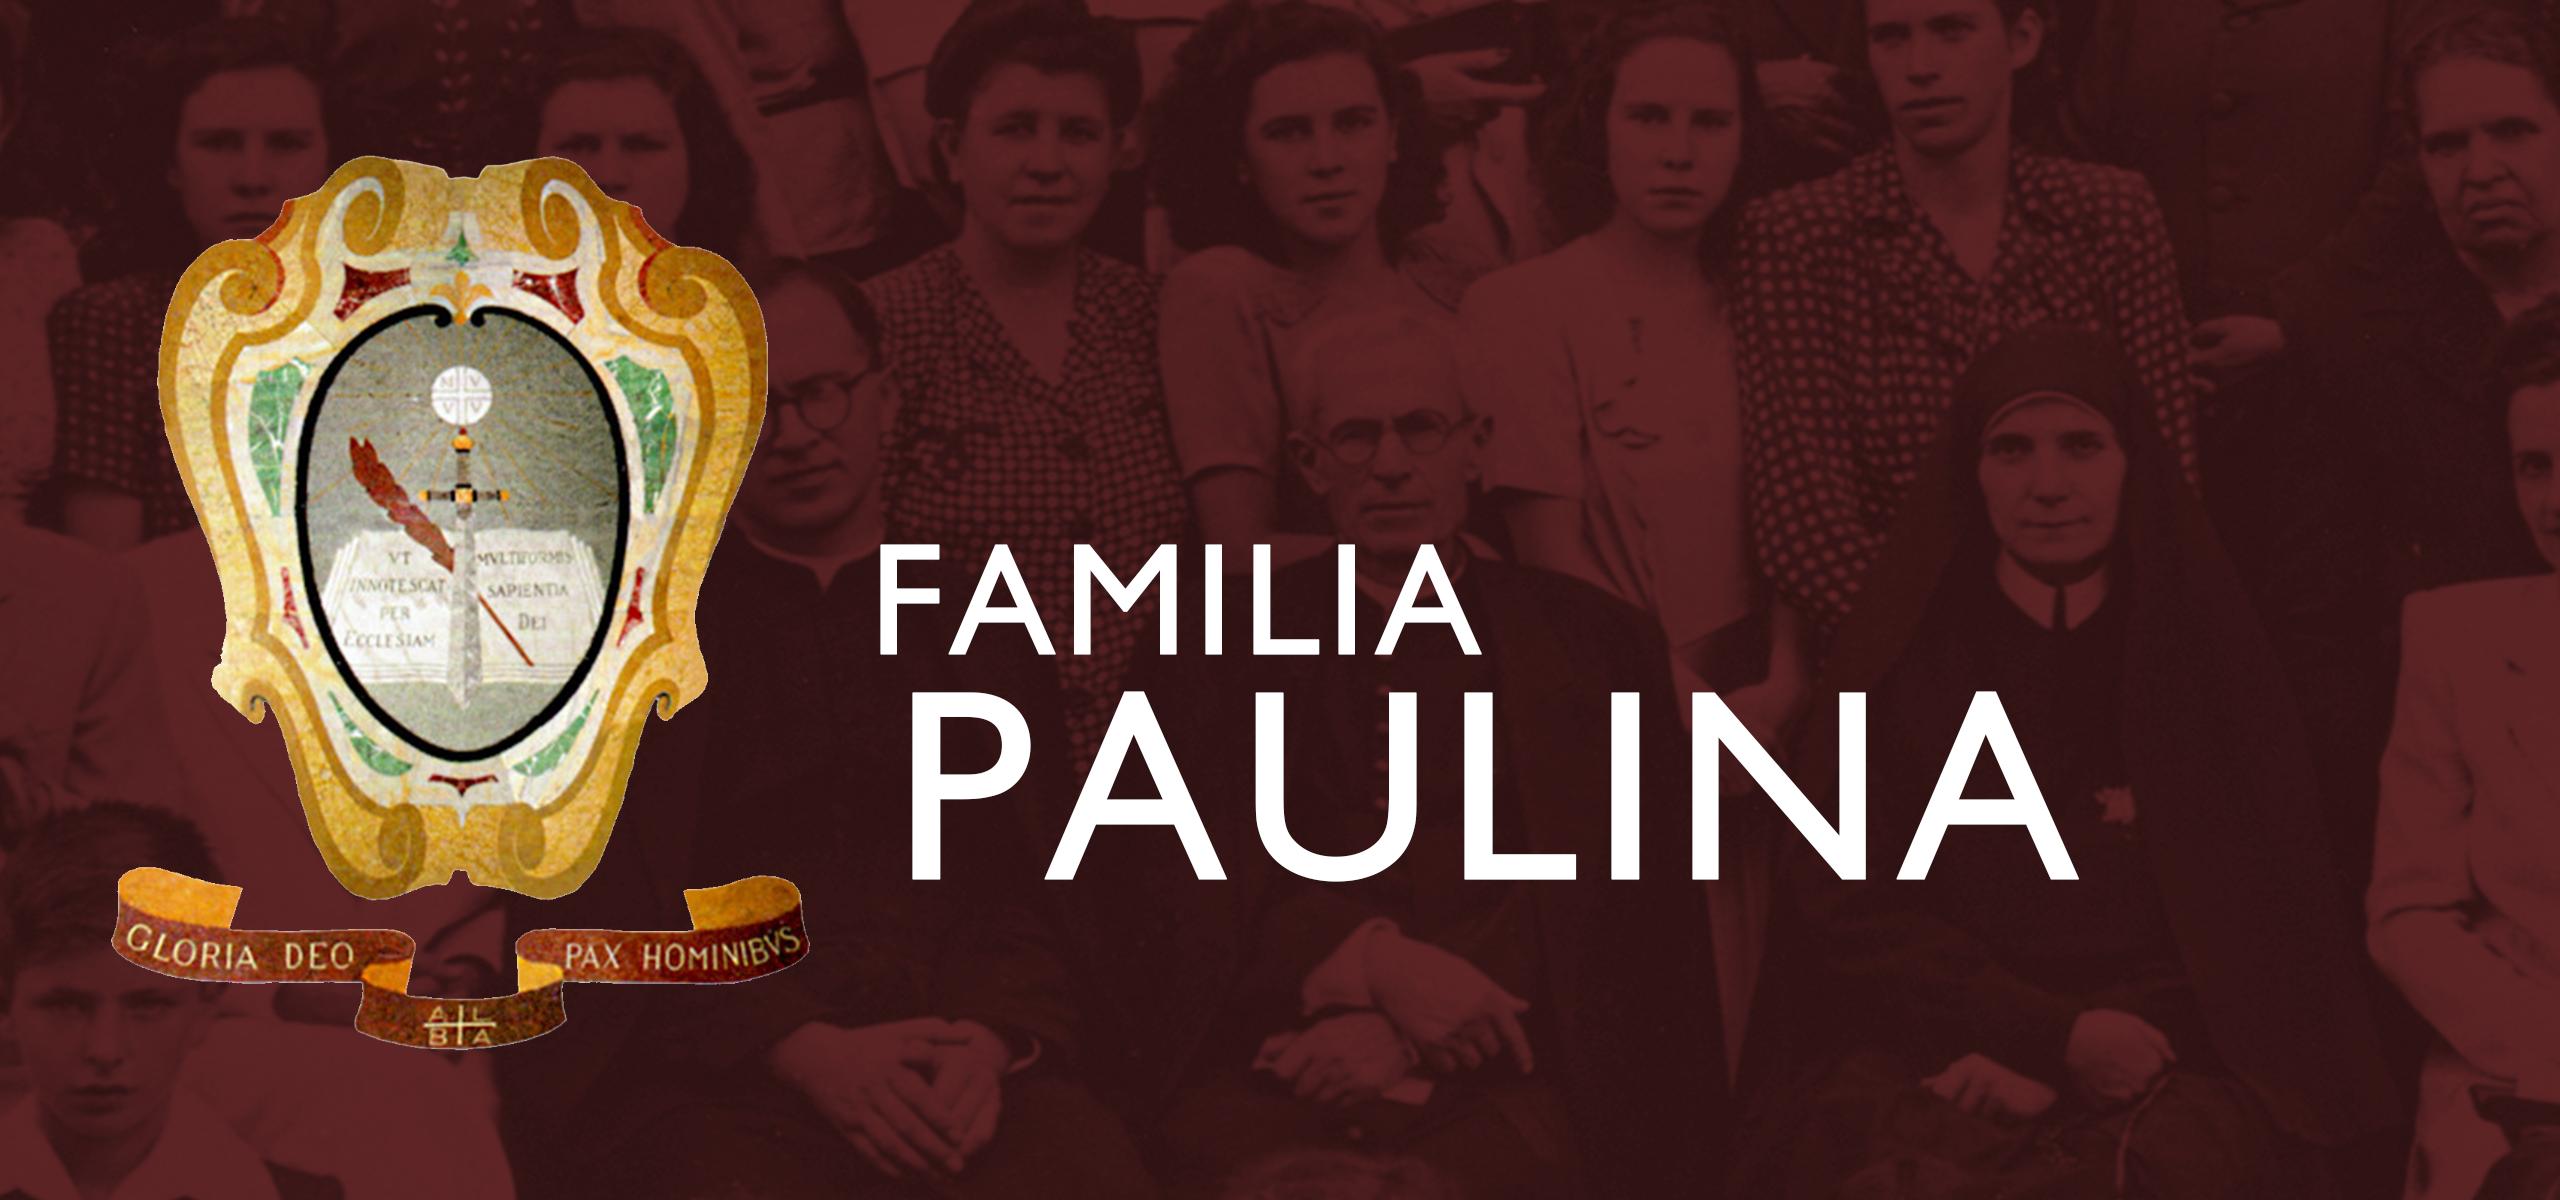 Familia Paulina